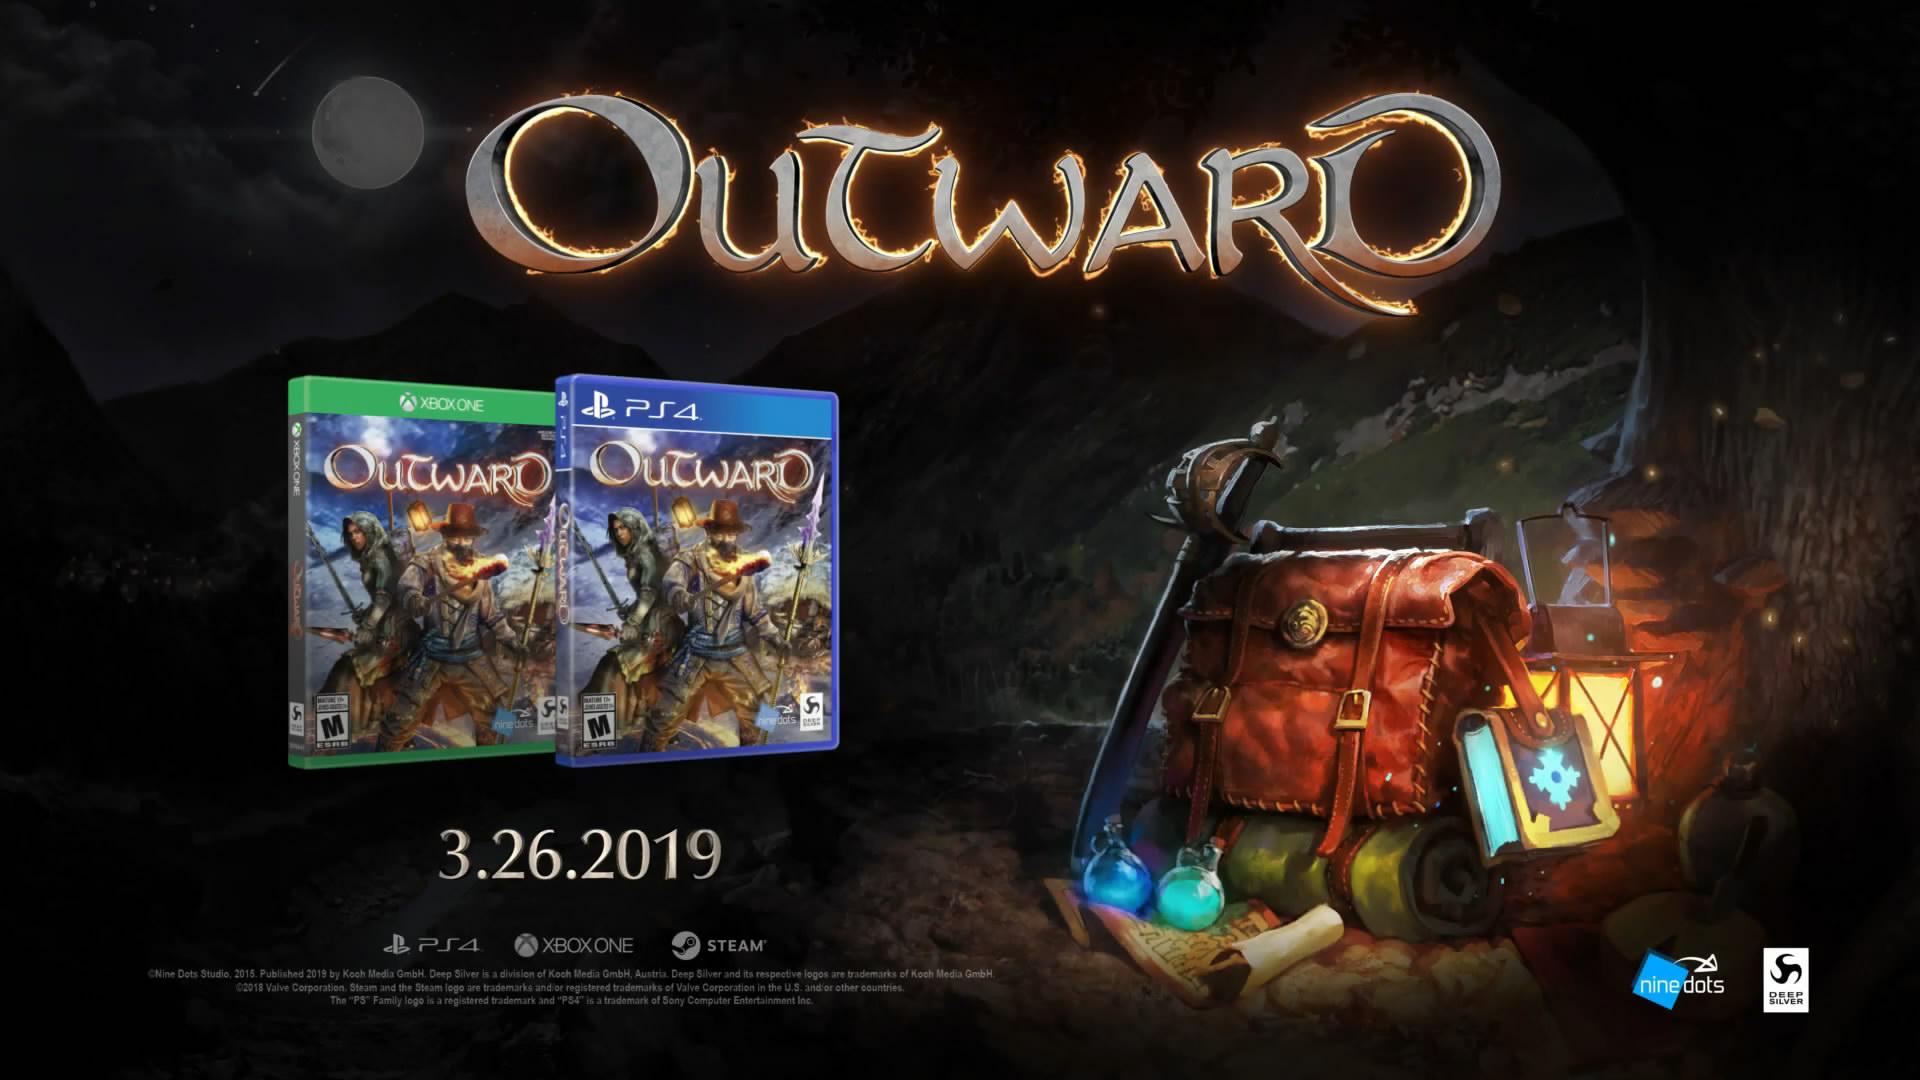 开放世界生存RPG《物质世界》全球销量突破100万套